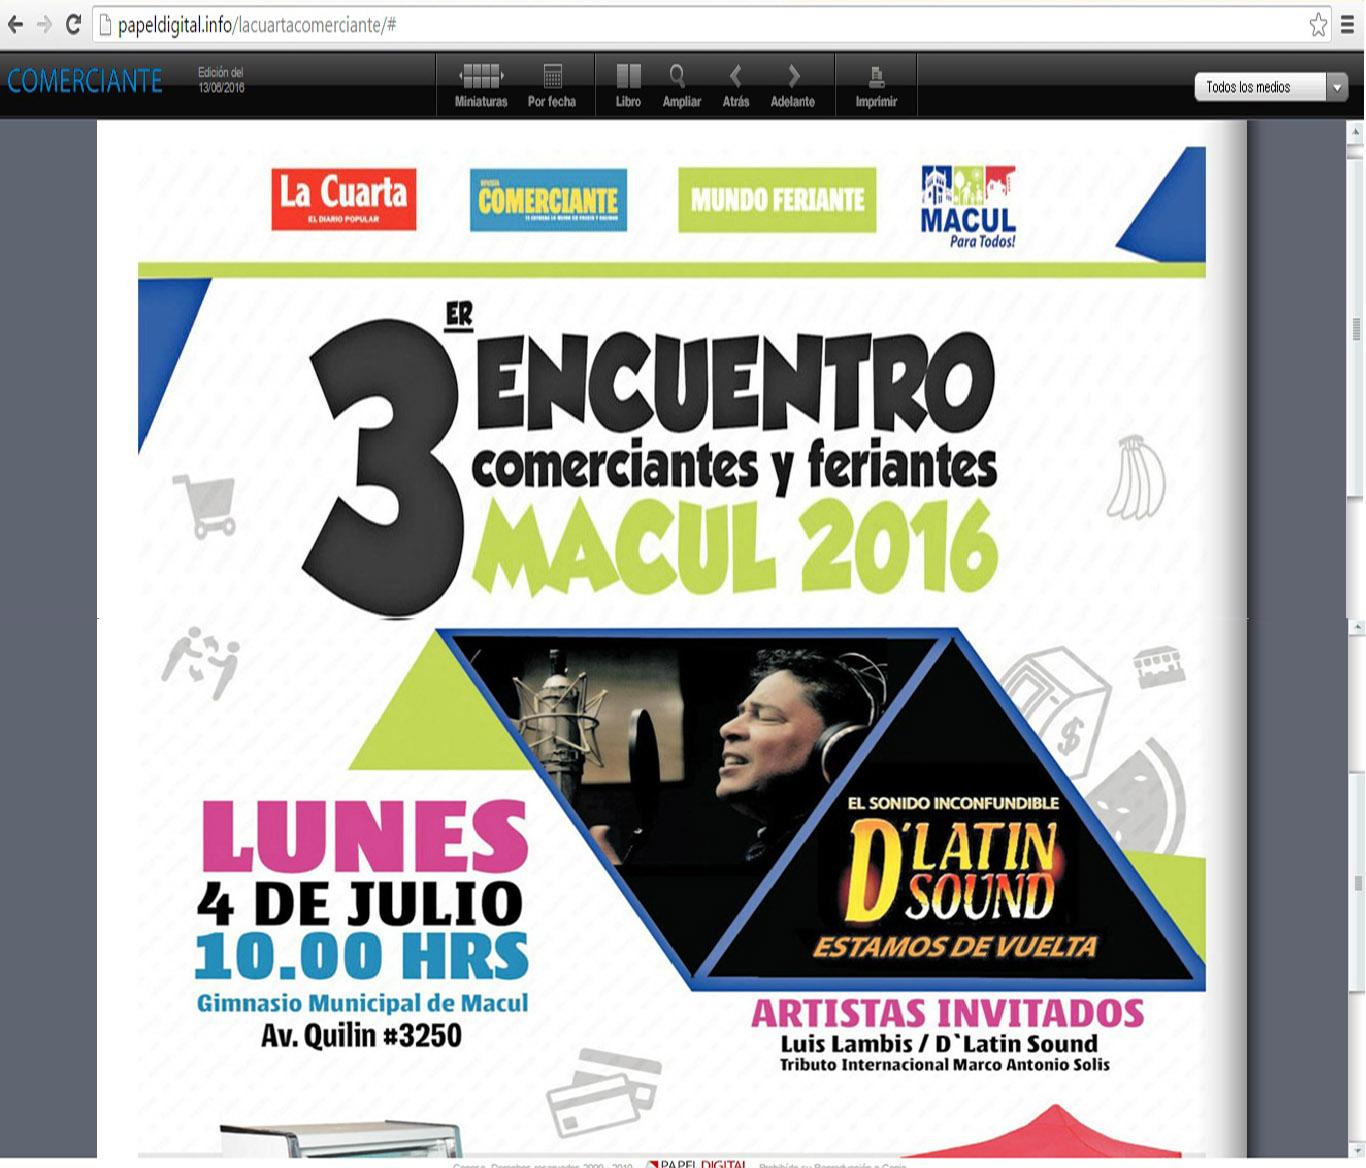 DLS La Cuarta 13_06_2016_5